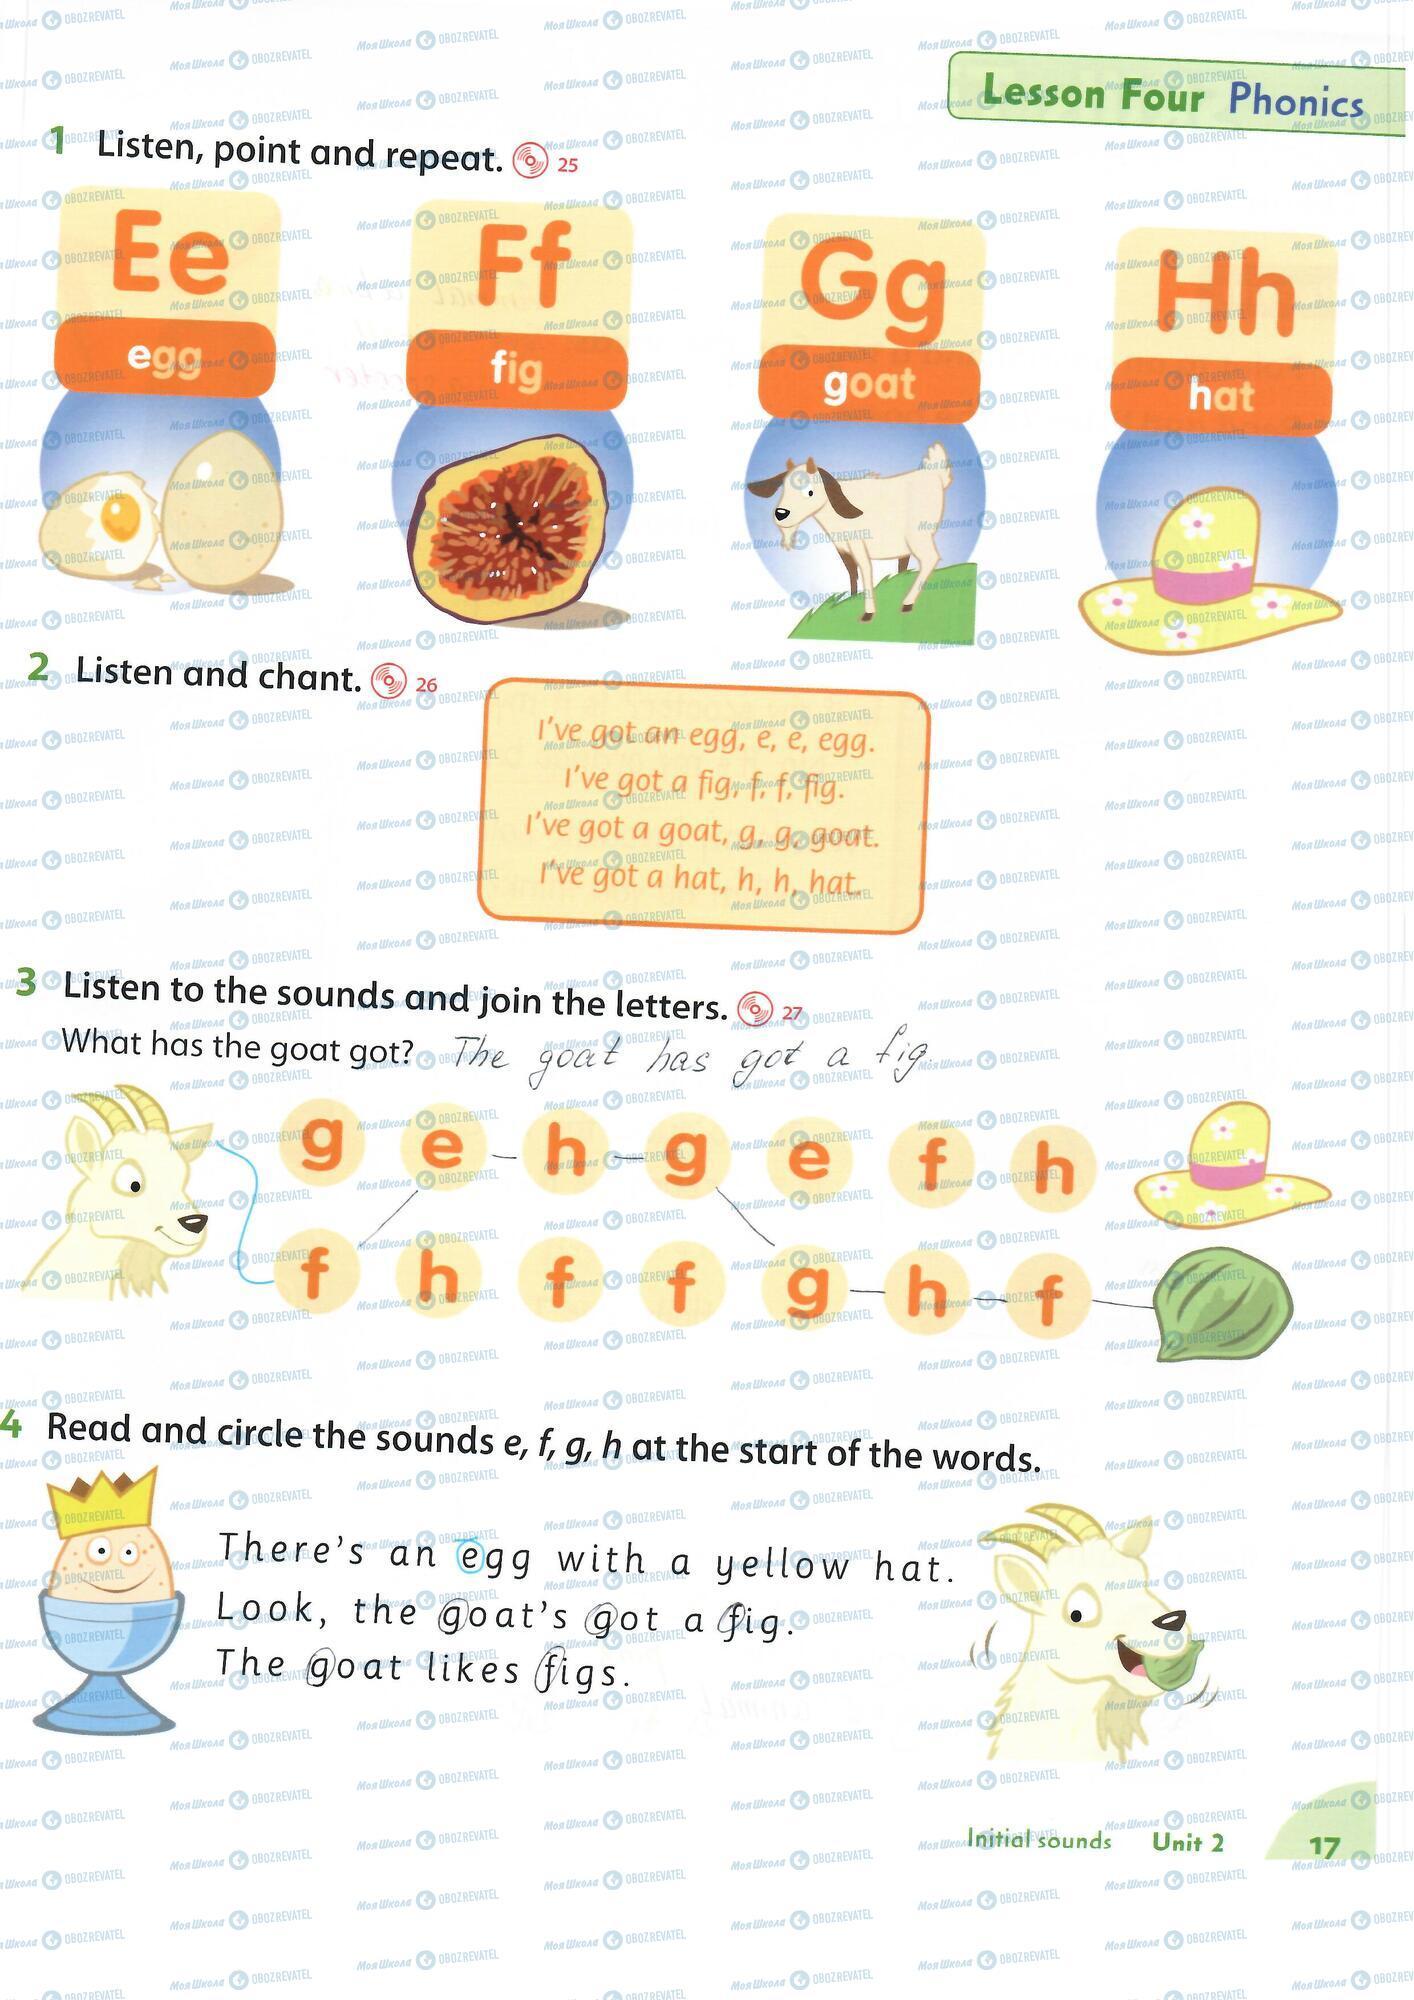 ГДЗ Англійська мова 1 клас сторінка 17